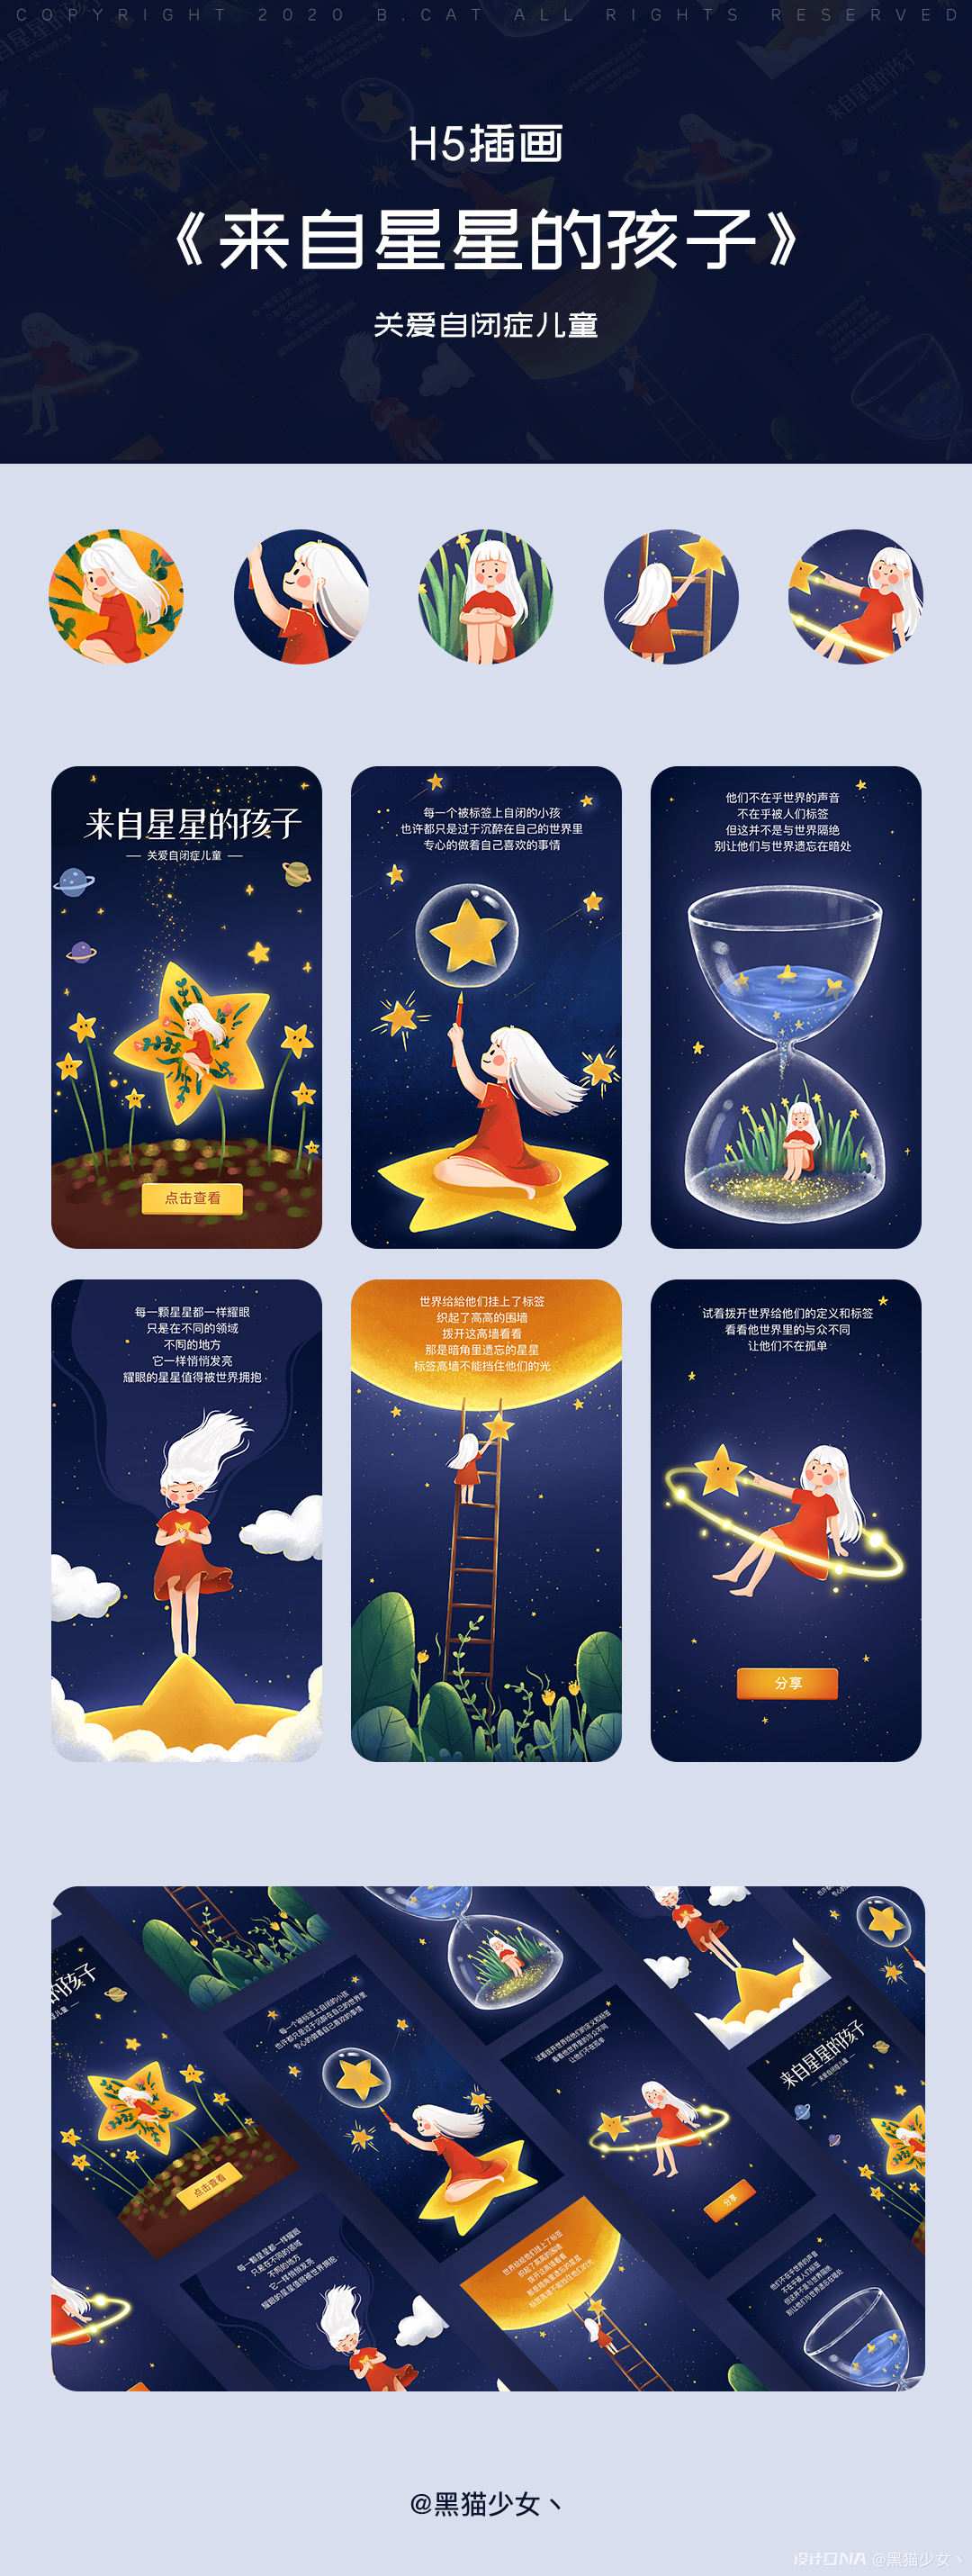 插画H5——来自星星的孩子 图1